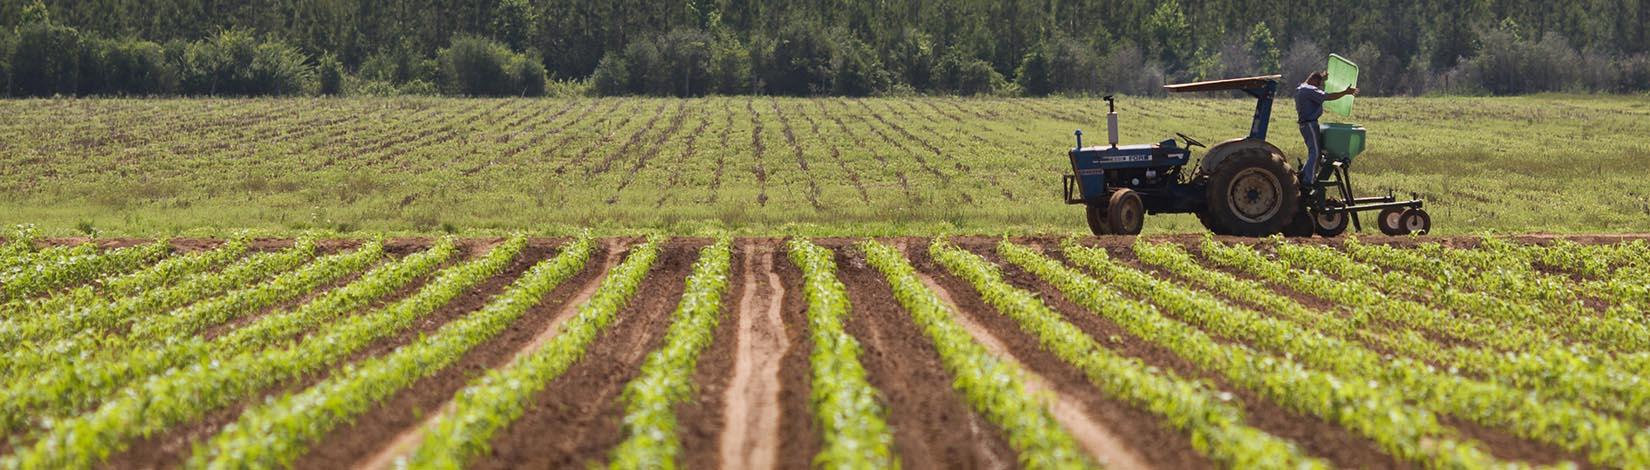 Central-Florida-agriculture-Darren-Soto-op-ed.jpg